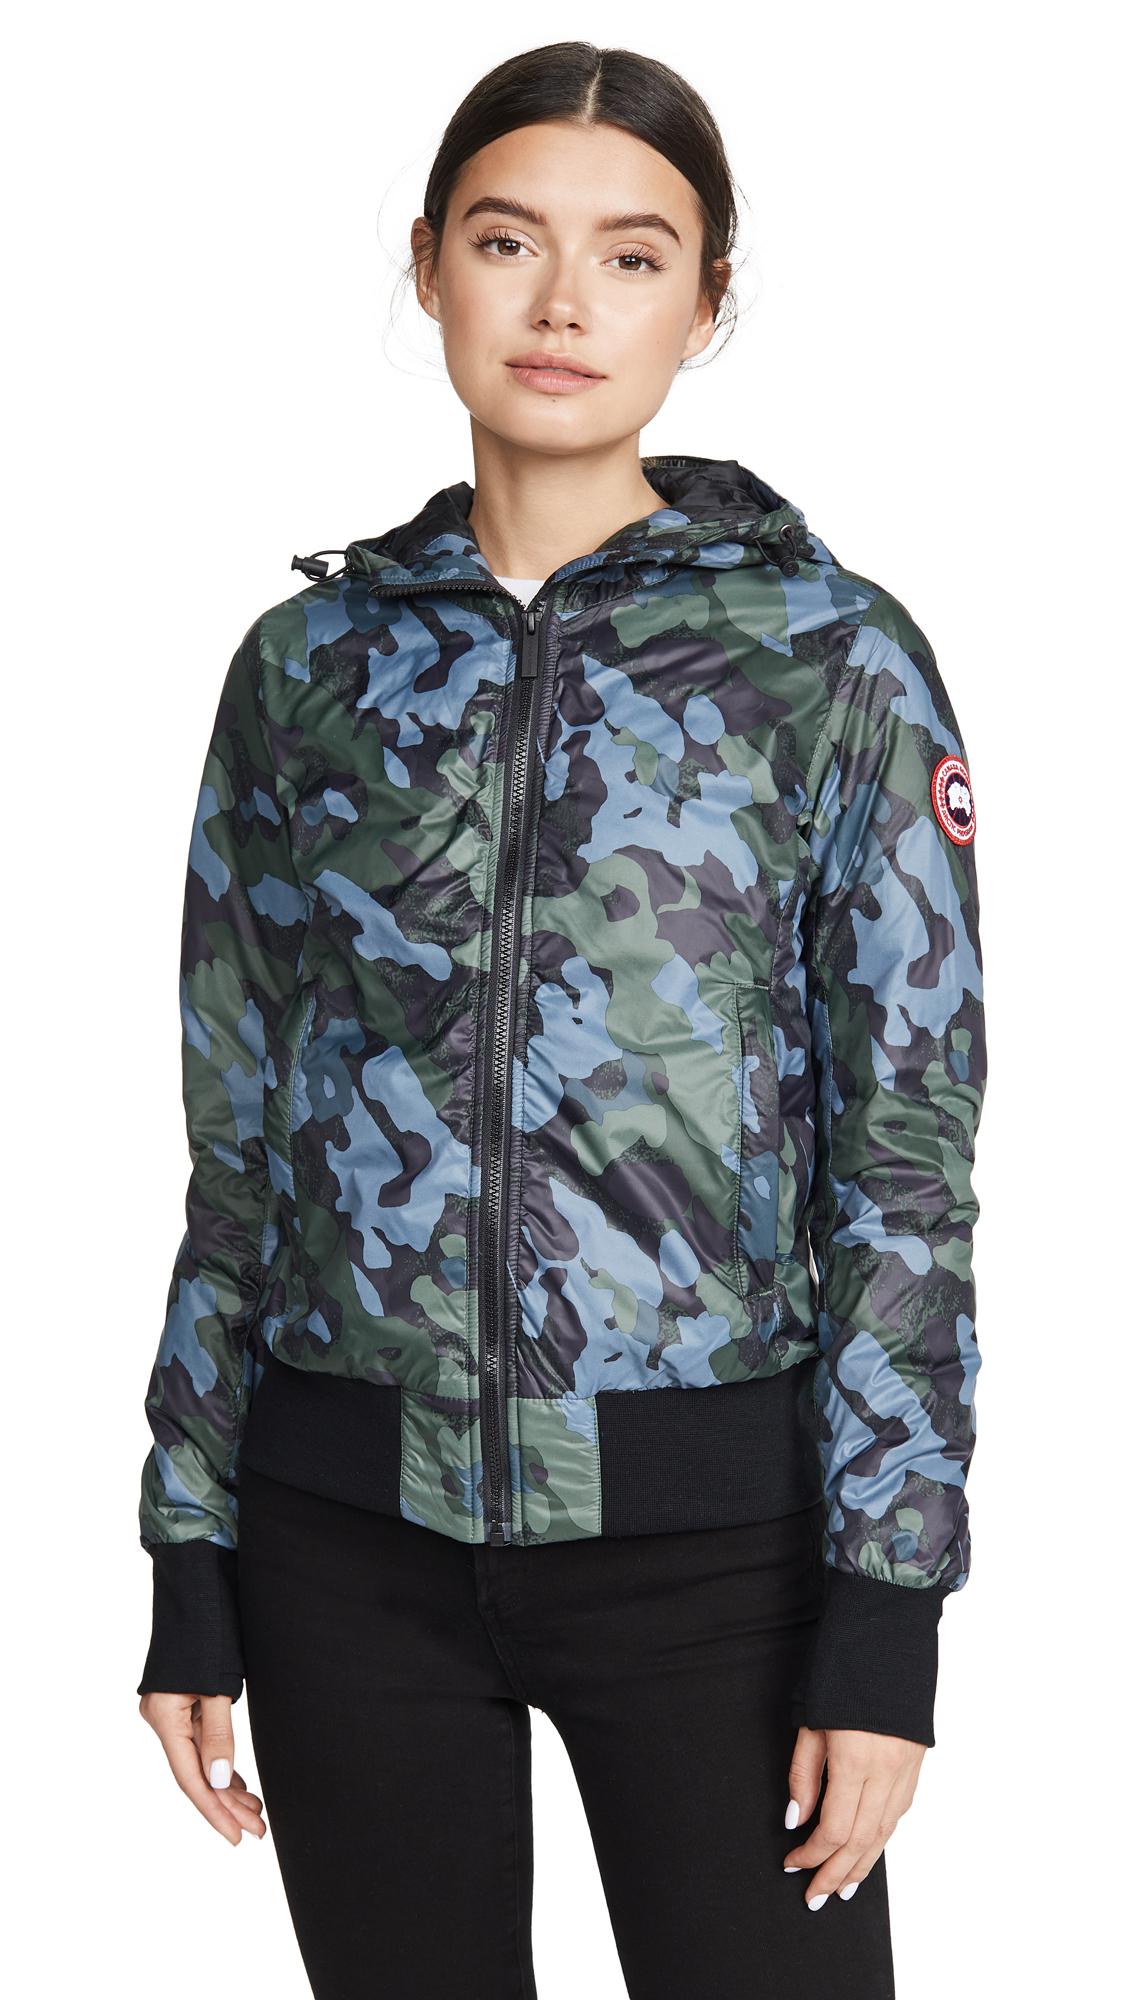 Buy Canada Goose Dore Hoodie online beautiful Canada Goose Jackets, Coats, Coats